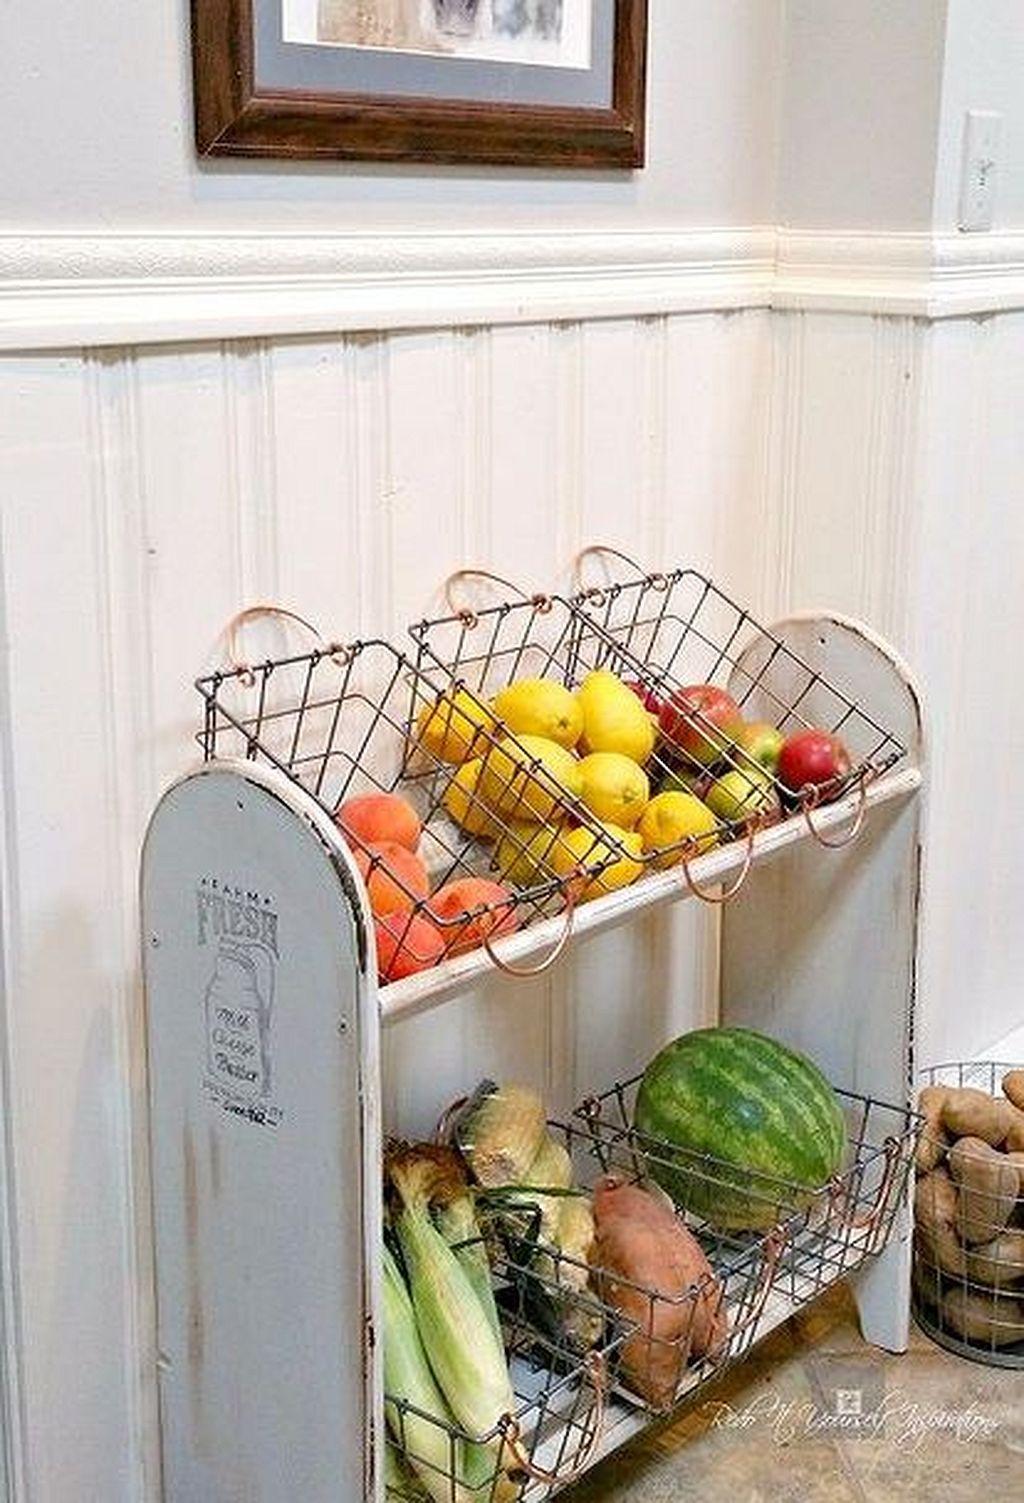 Awesome 10 Diy Fruit Basket Ideas Https Architecturemagz Com 10 Diy Fruit Basket Ideas Keuken